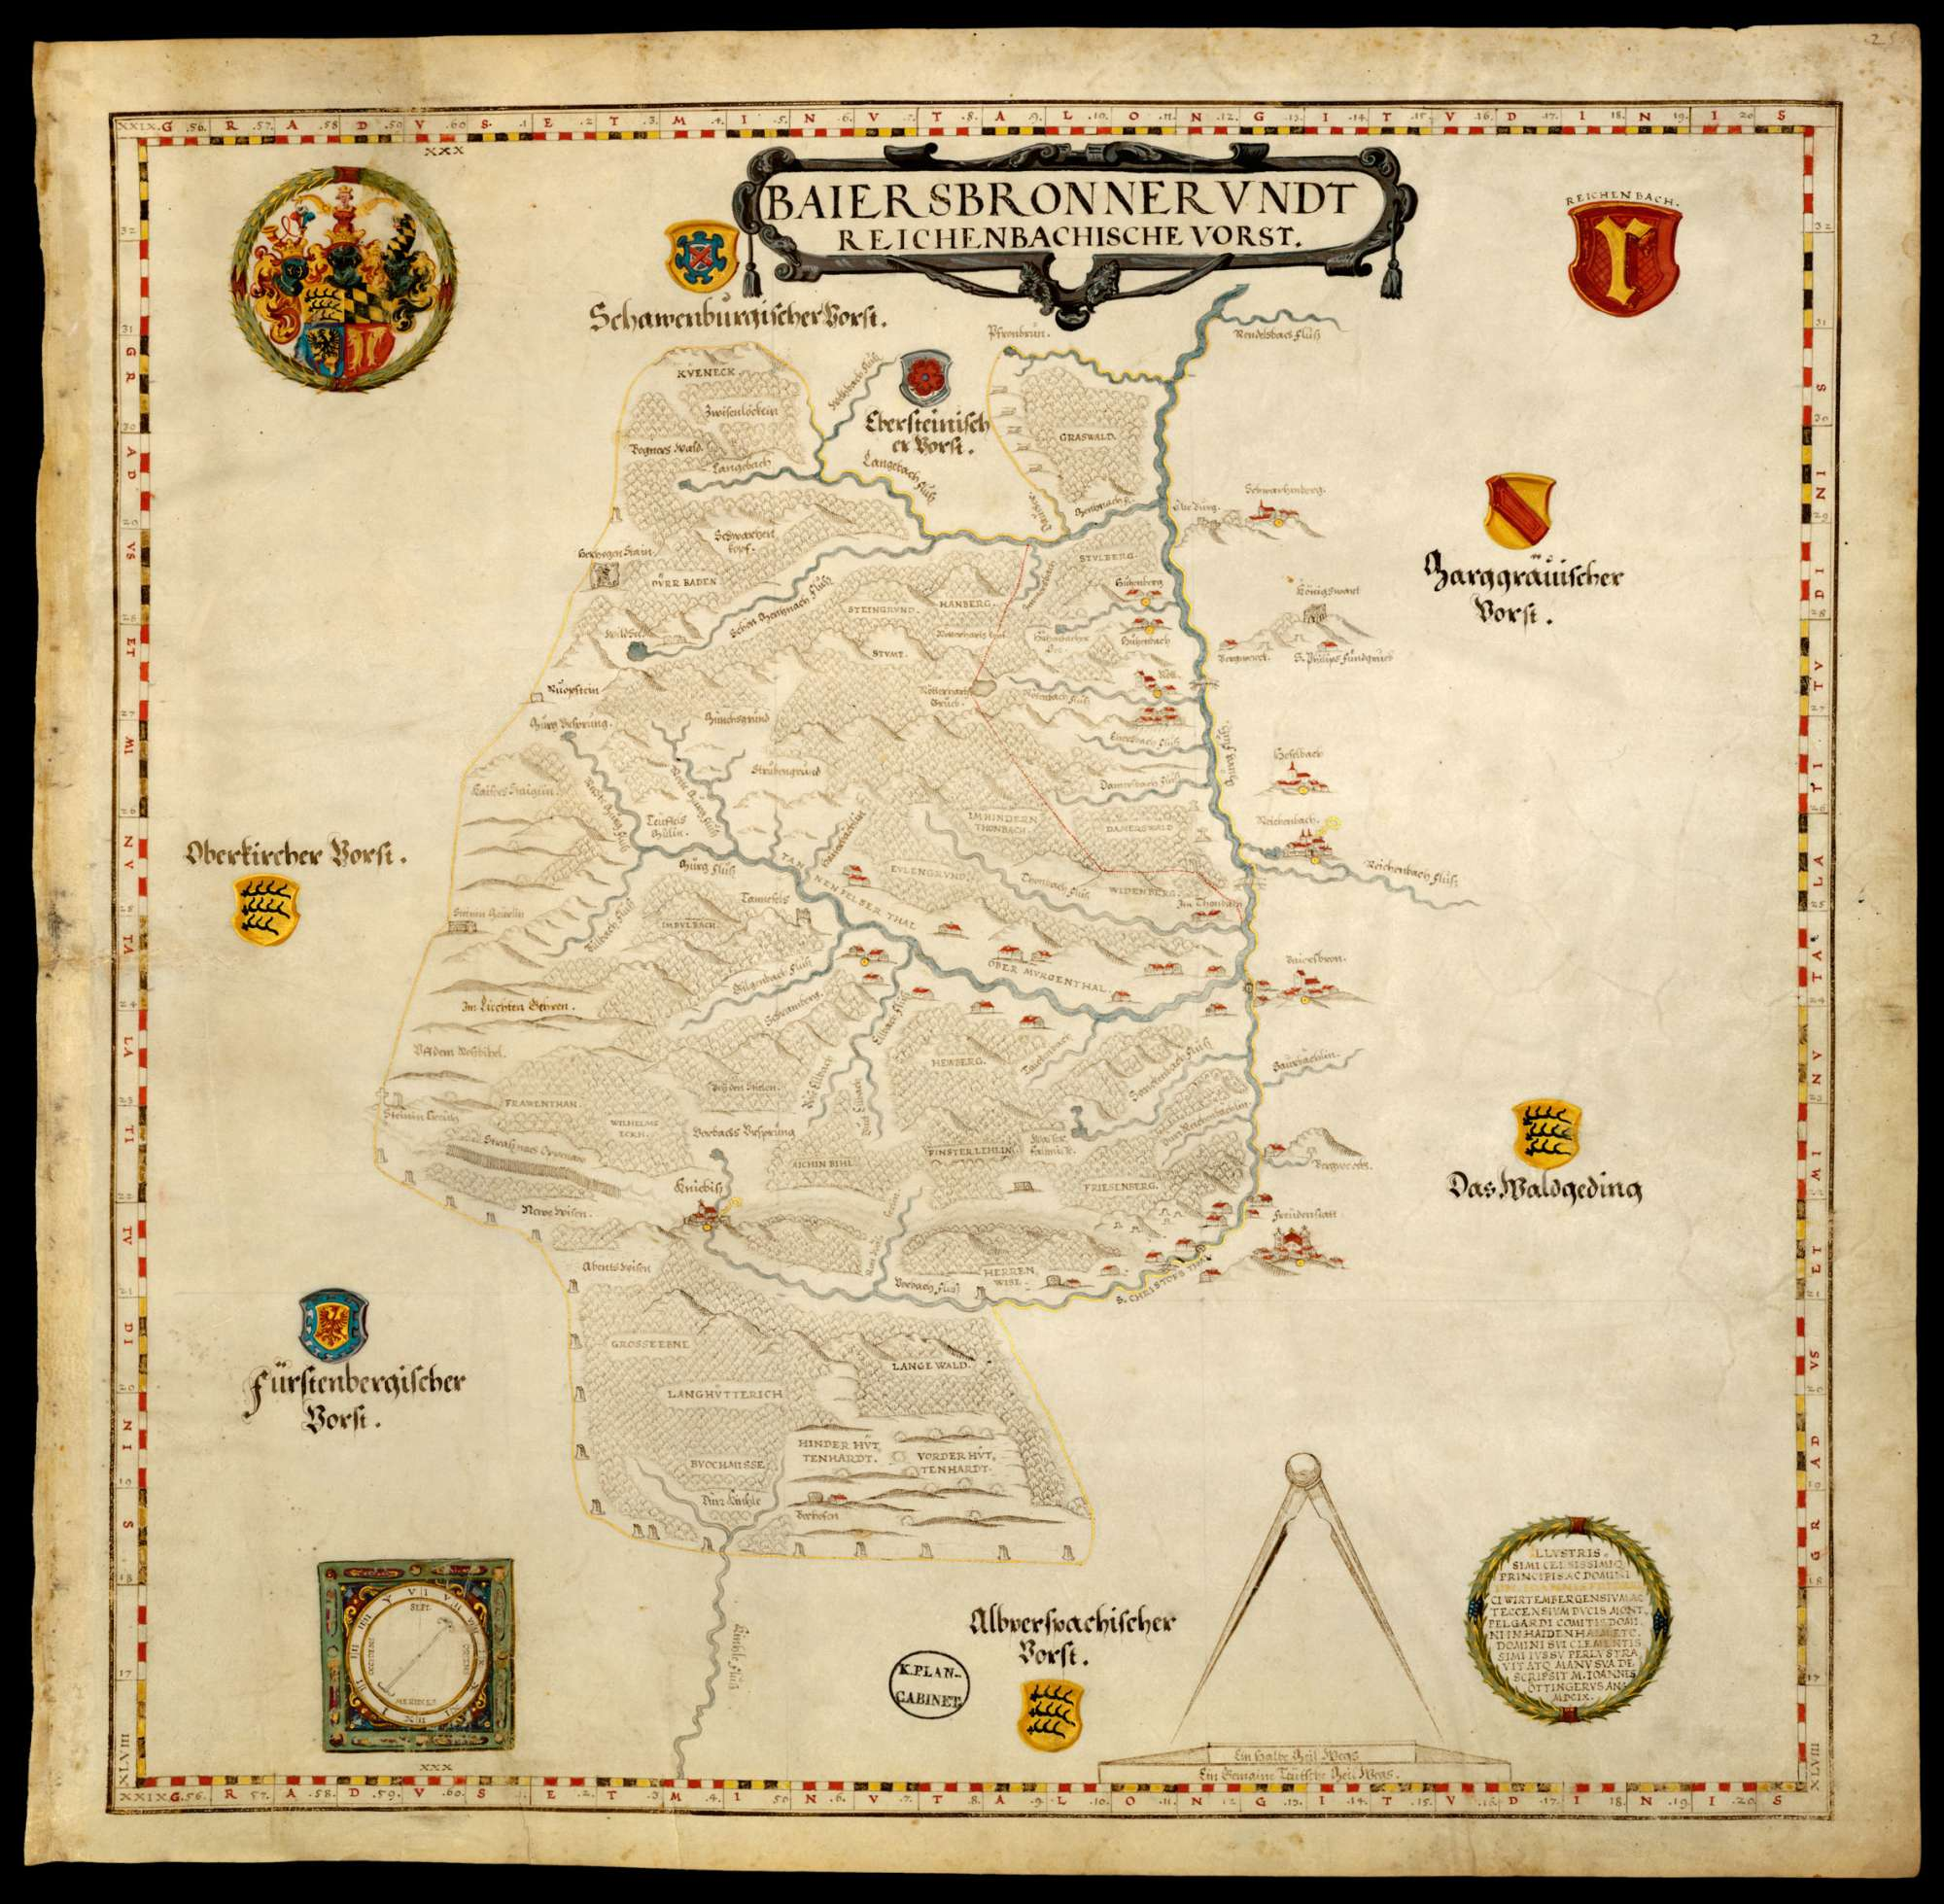 Bl. 27 r: Baiersbronner und Kloster Reichenbacher Forst, Bild 1